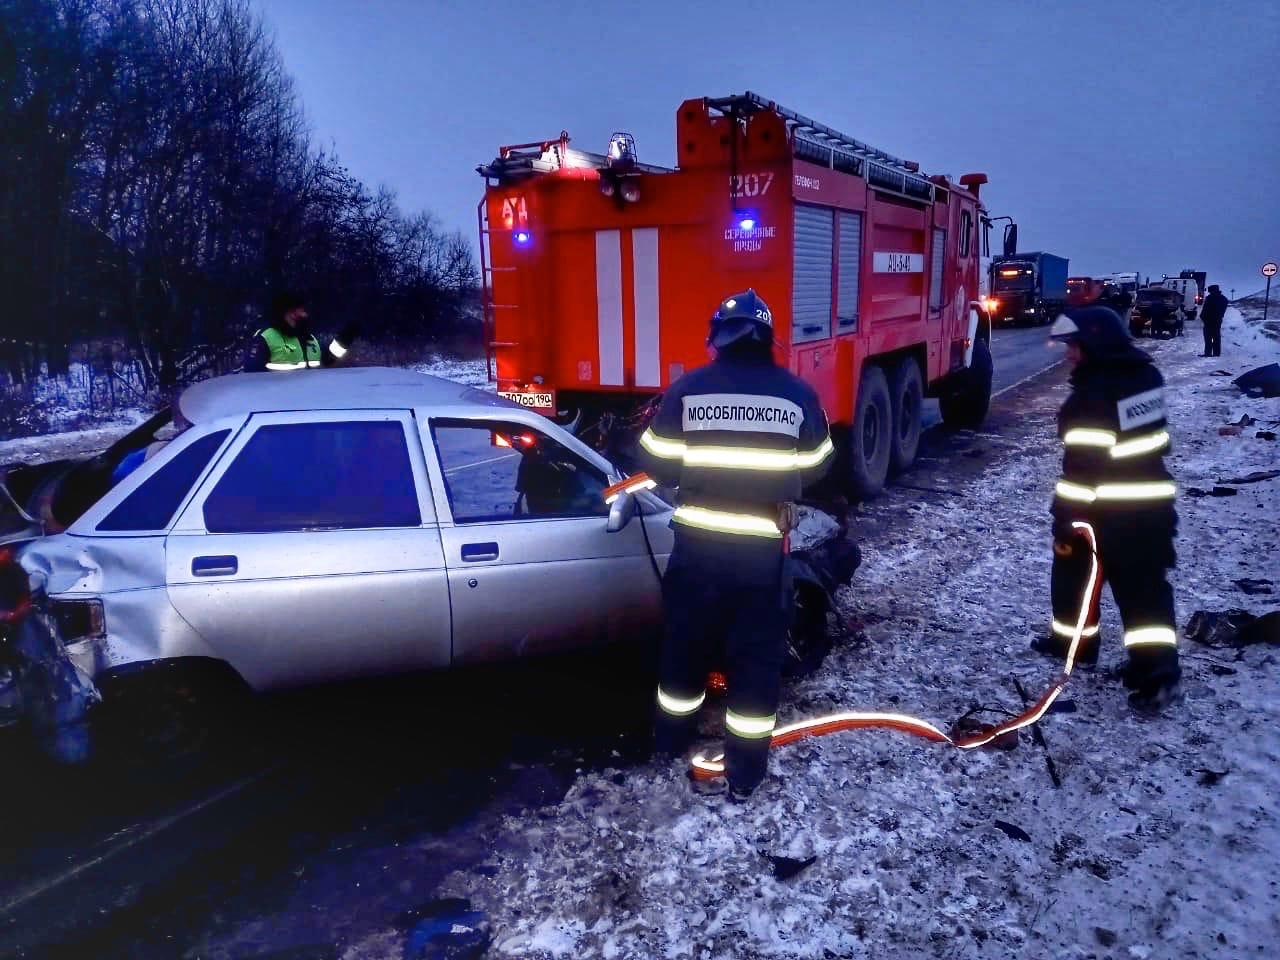 Вчера работники 207-й пожарно-спасательной части #Мособлпожспас ликвидировали последствия  дорожно-транспортного происшествия в городском округе #СеребряныеПруды 🚙💥🚗 ⠀ На 175-м км автодороги М-6 (Каспий) произошло столкновение пяти автомобилей: трех грузо